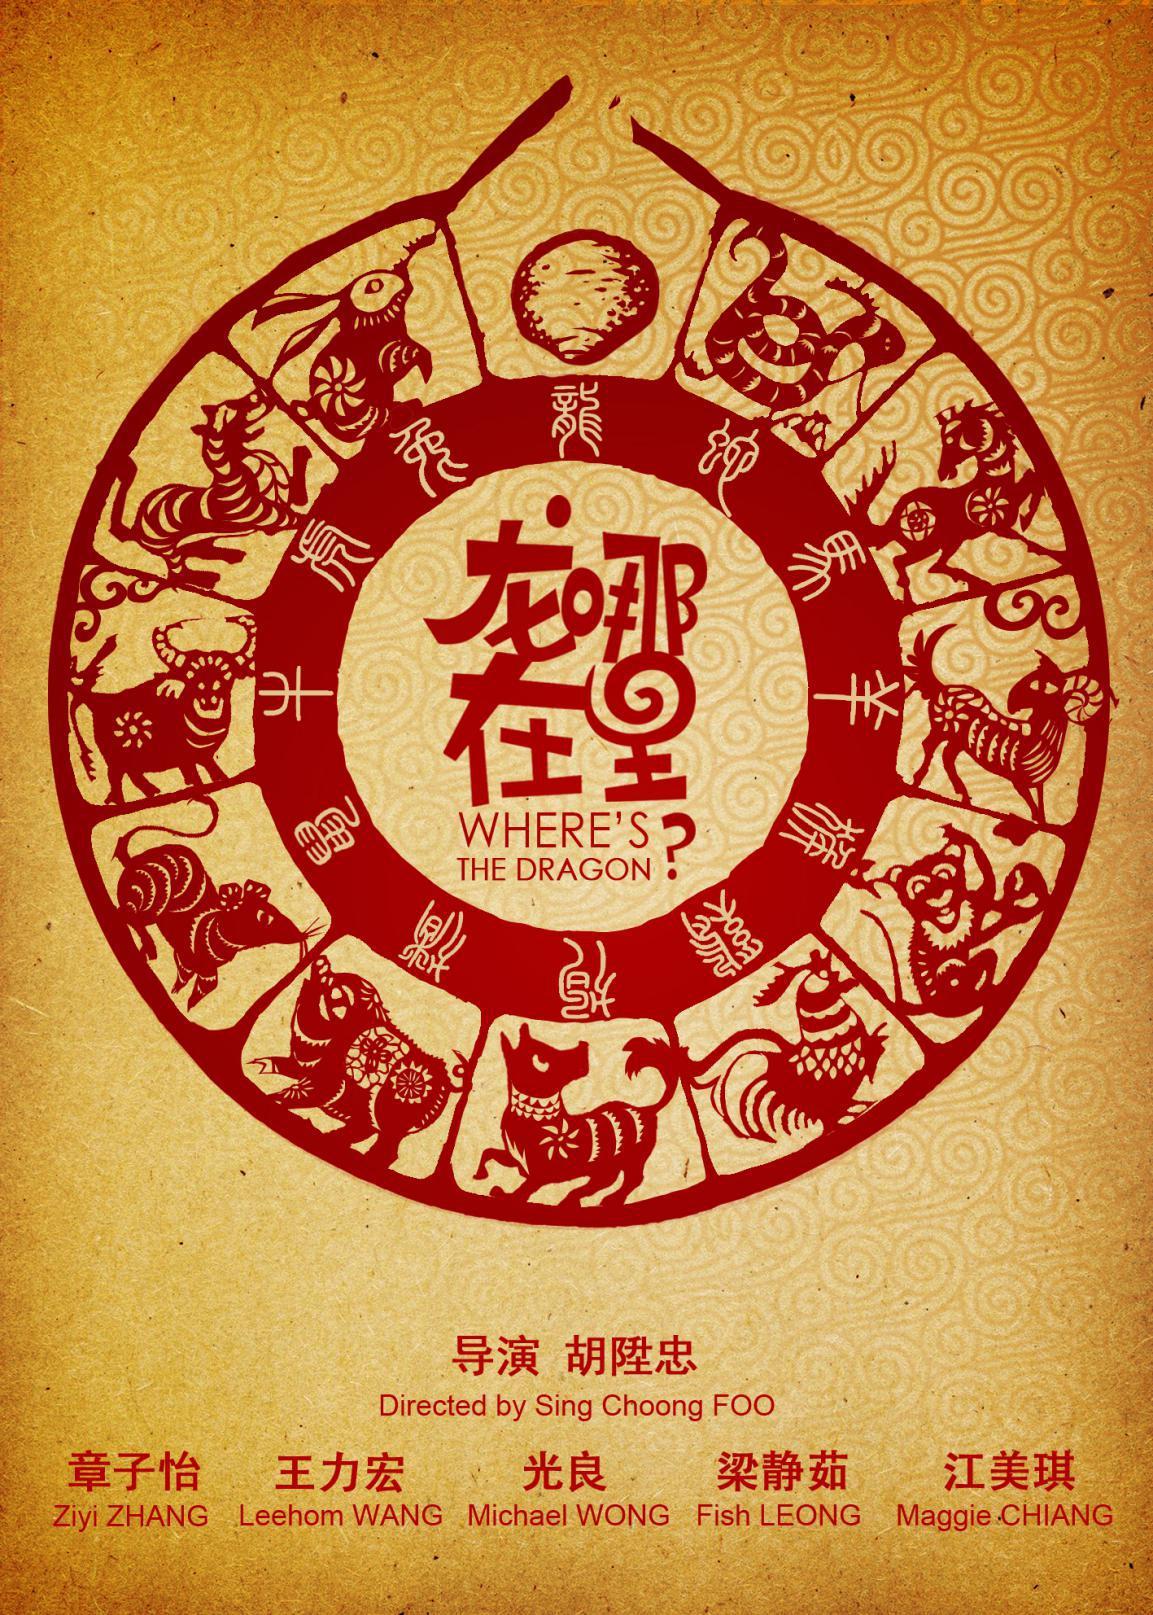 《龙在哪里?》再爆悬念海报 中国风剪纸彰显东方神韵